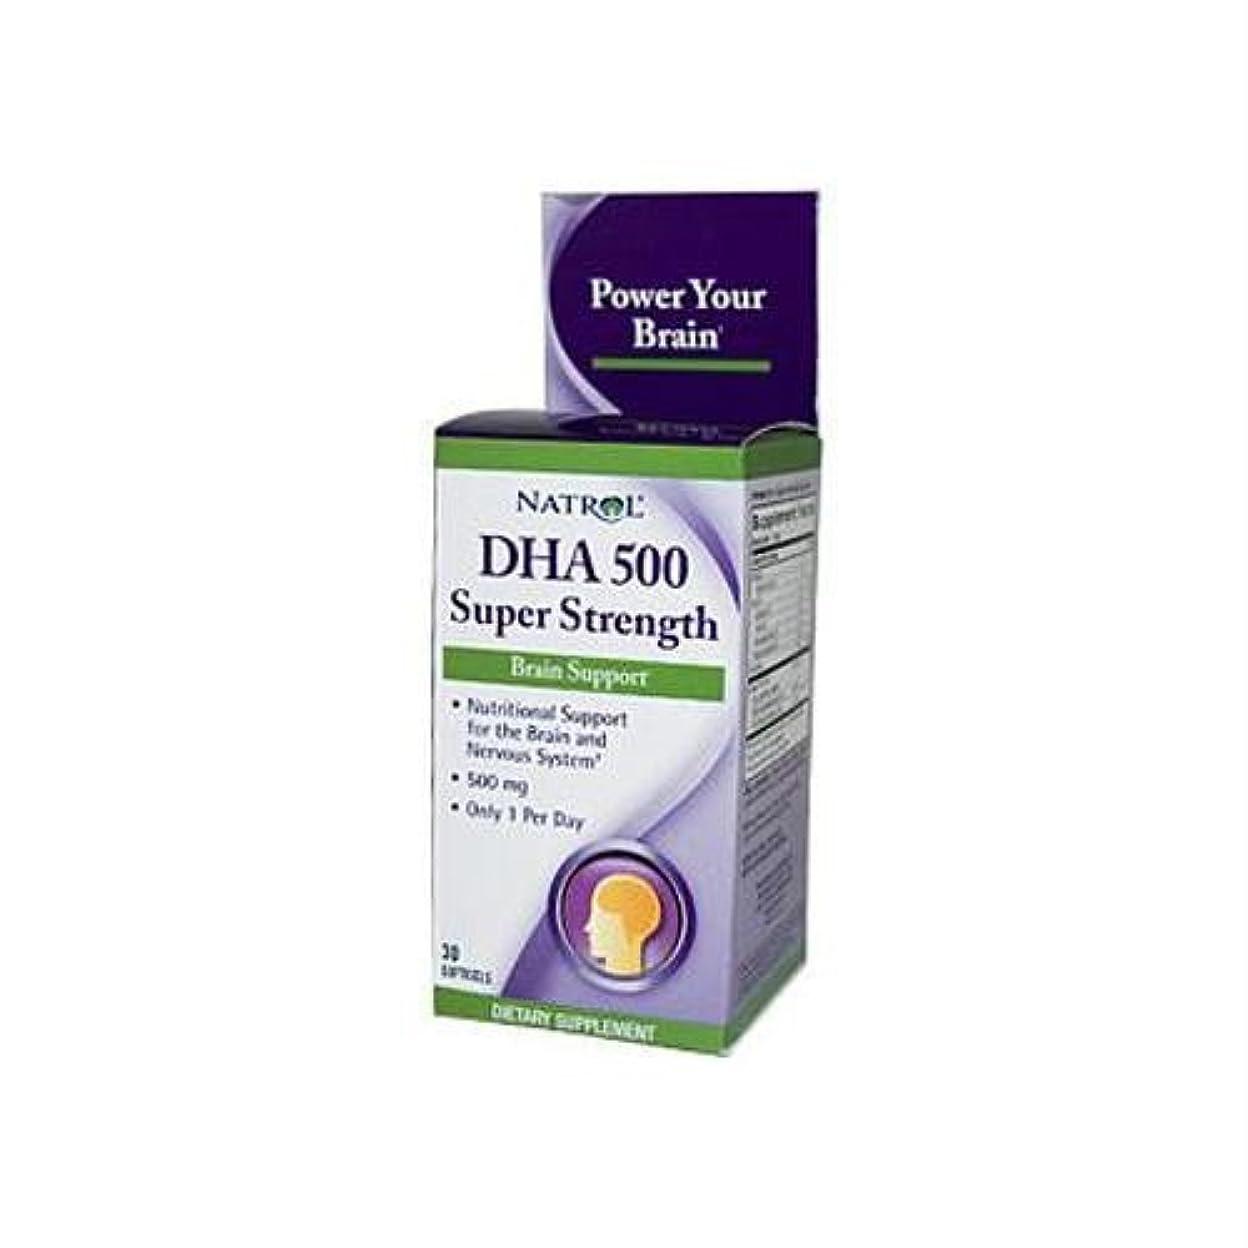 解釈するエクスタシー目的Natrol/ナトロール DHA 500 Super Strength - 500 mg - 30 ソフトカプセル